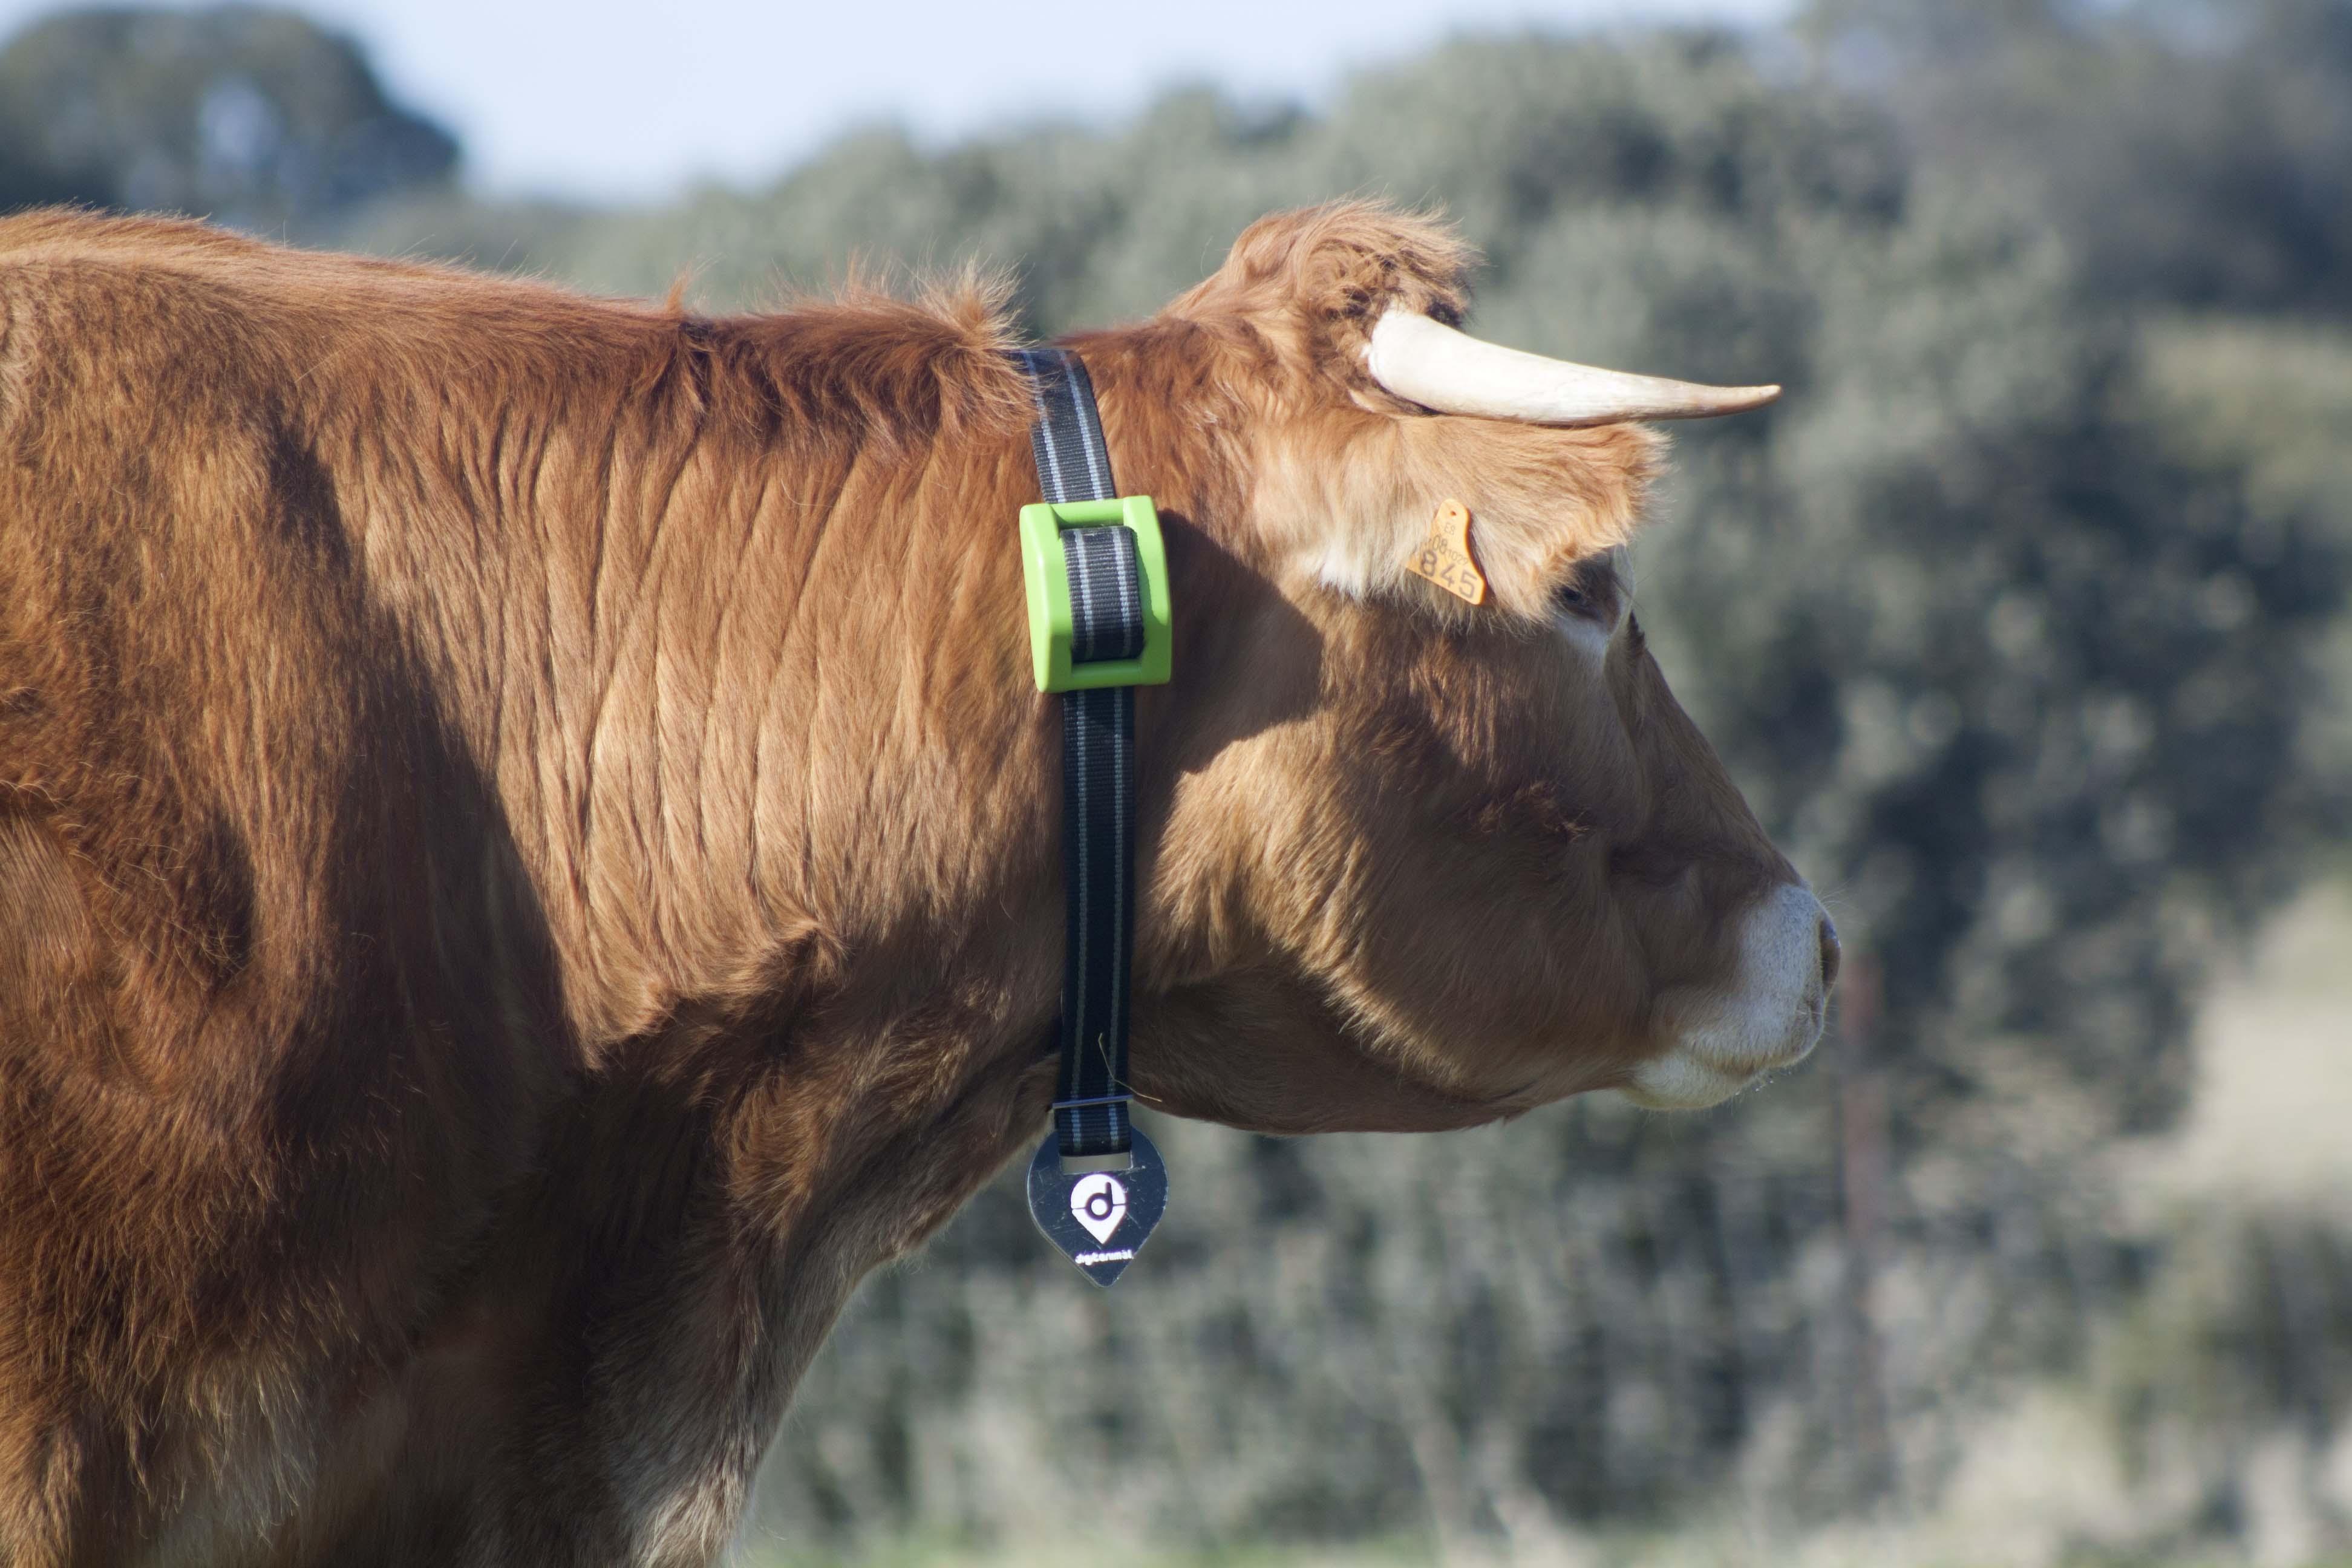 Mejora de la productividad ganadera, trazabilidad y bienestar animal: CATTLEChain